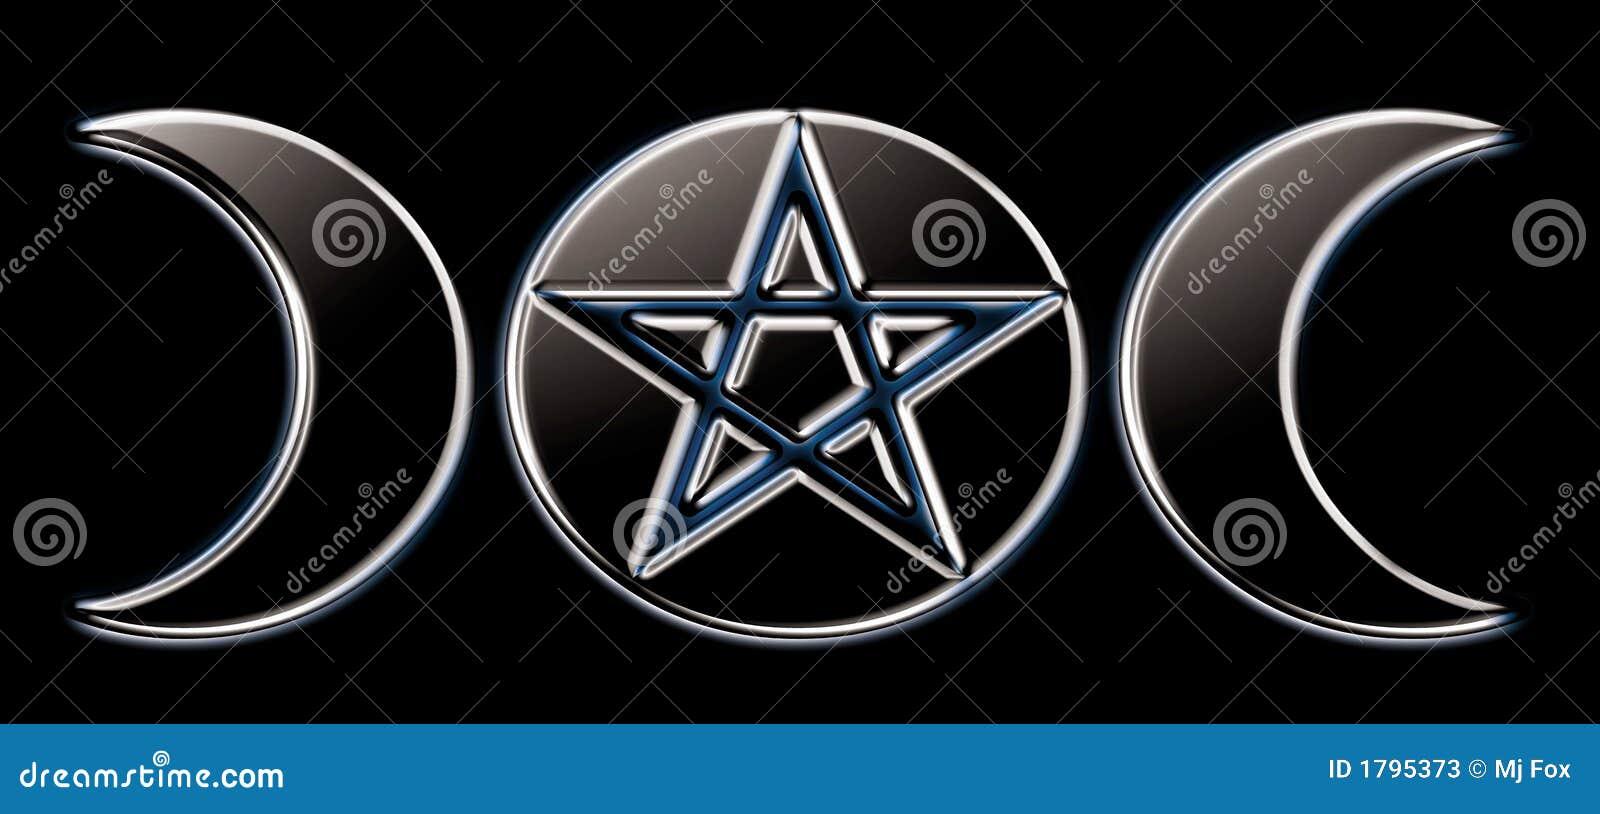 Pagan religion symbol